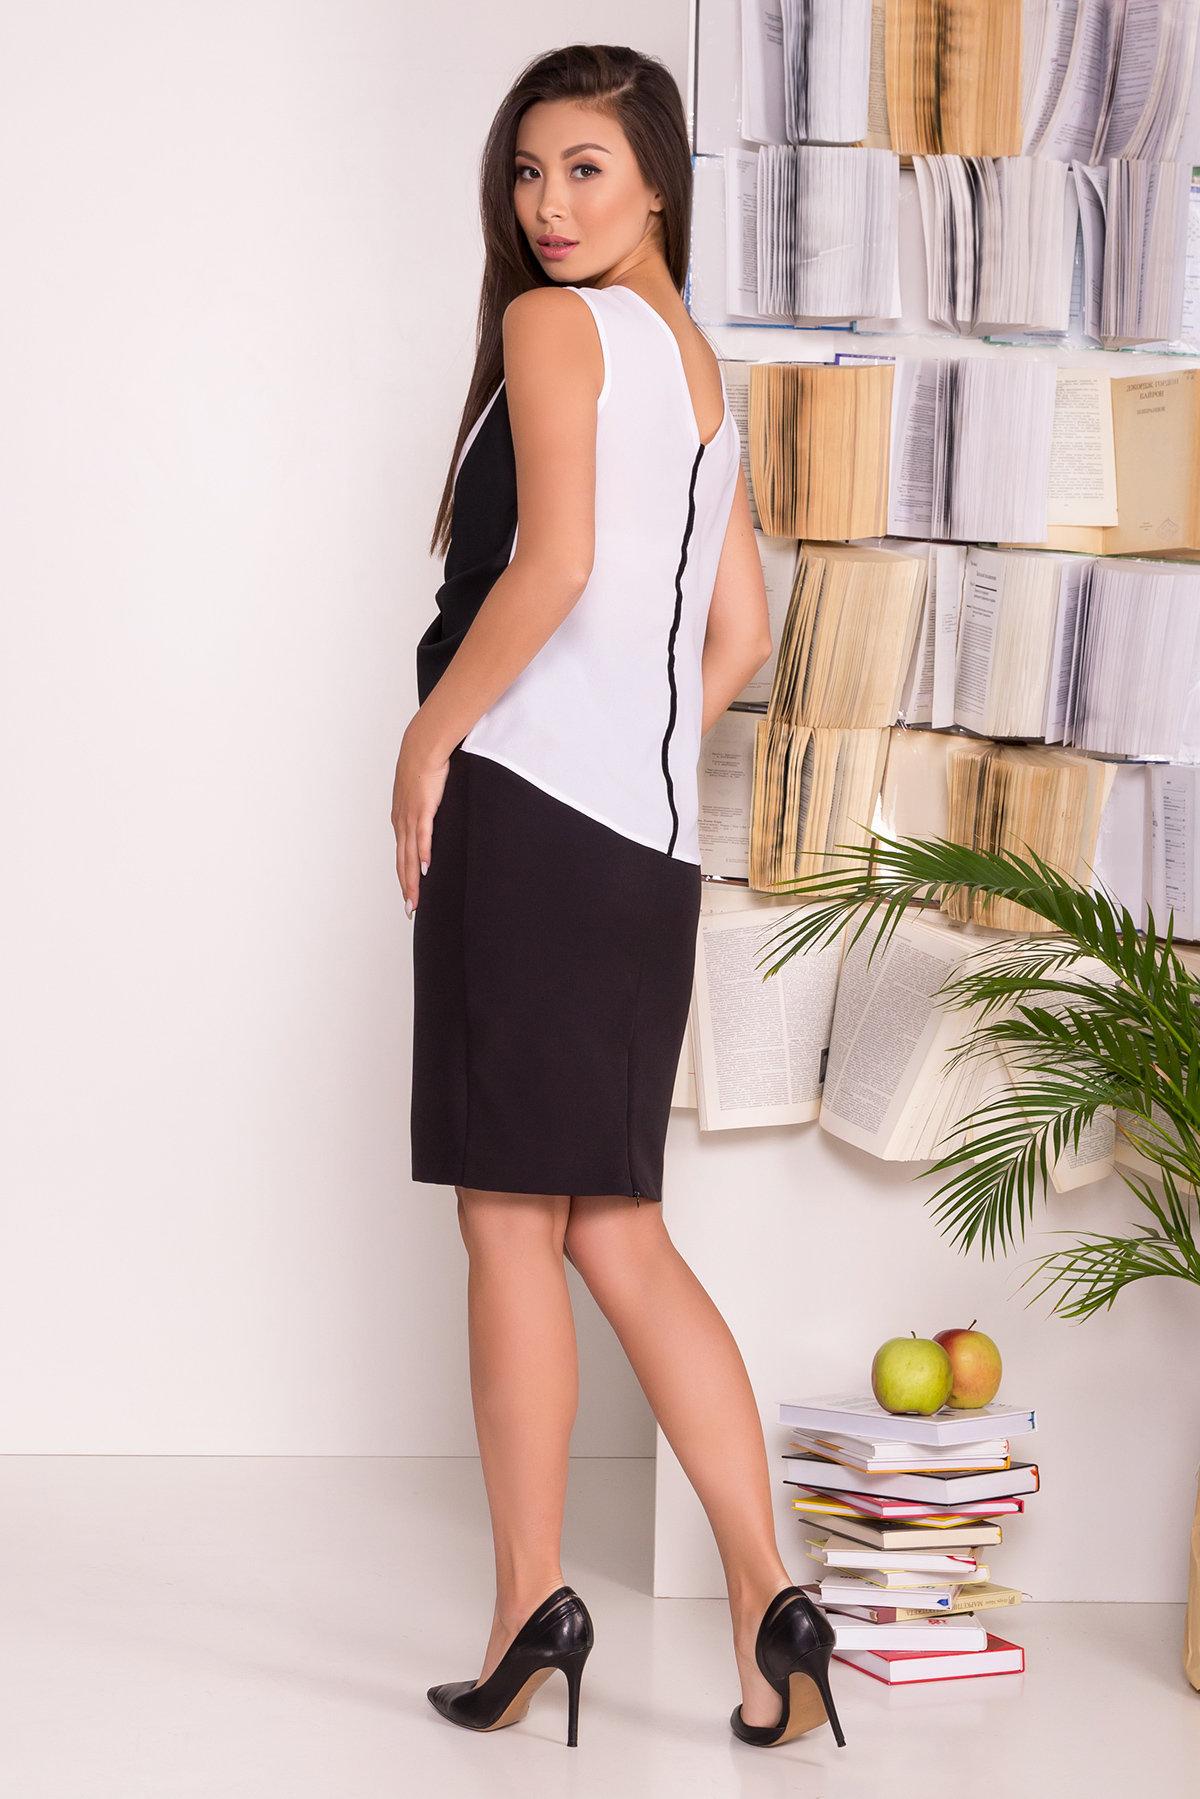 Черно-белая блуза Борнео 7655 АРТ. 43640 Цвет: Белый/черный - фото 3, интернет магазин tm-modus.ru